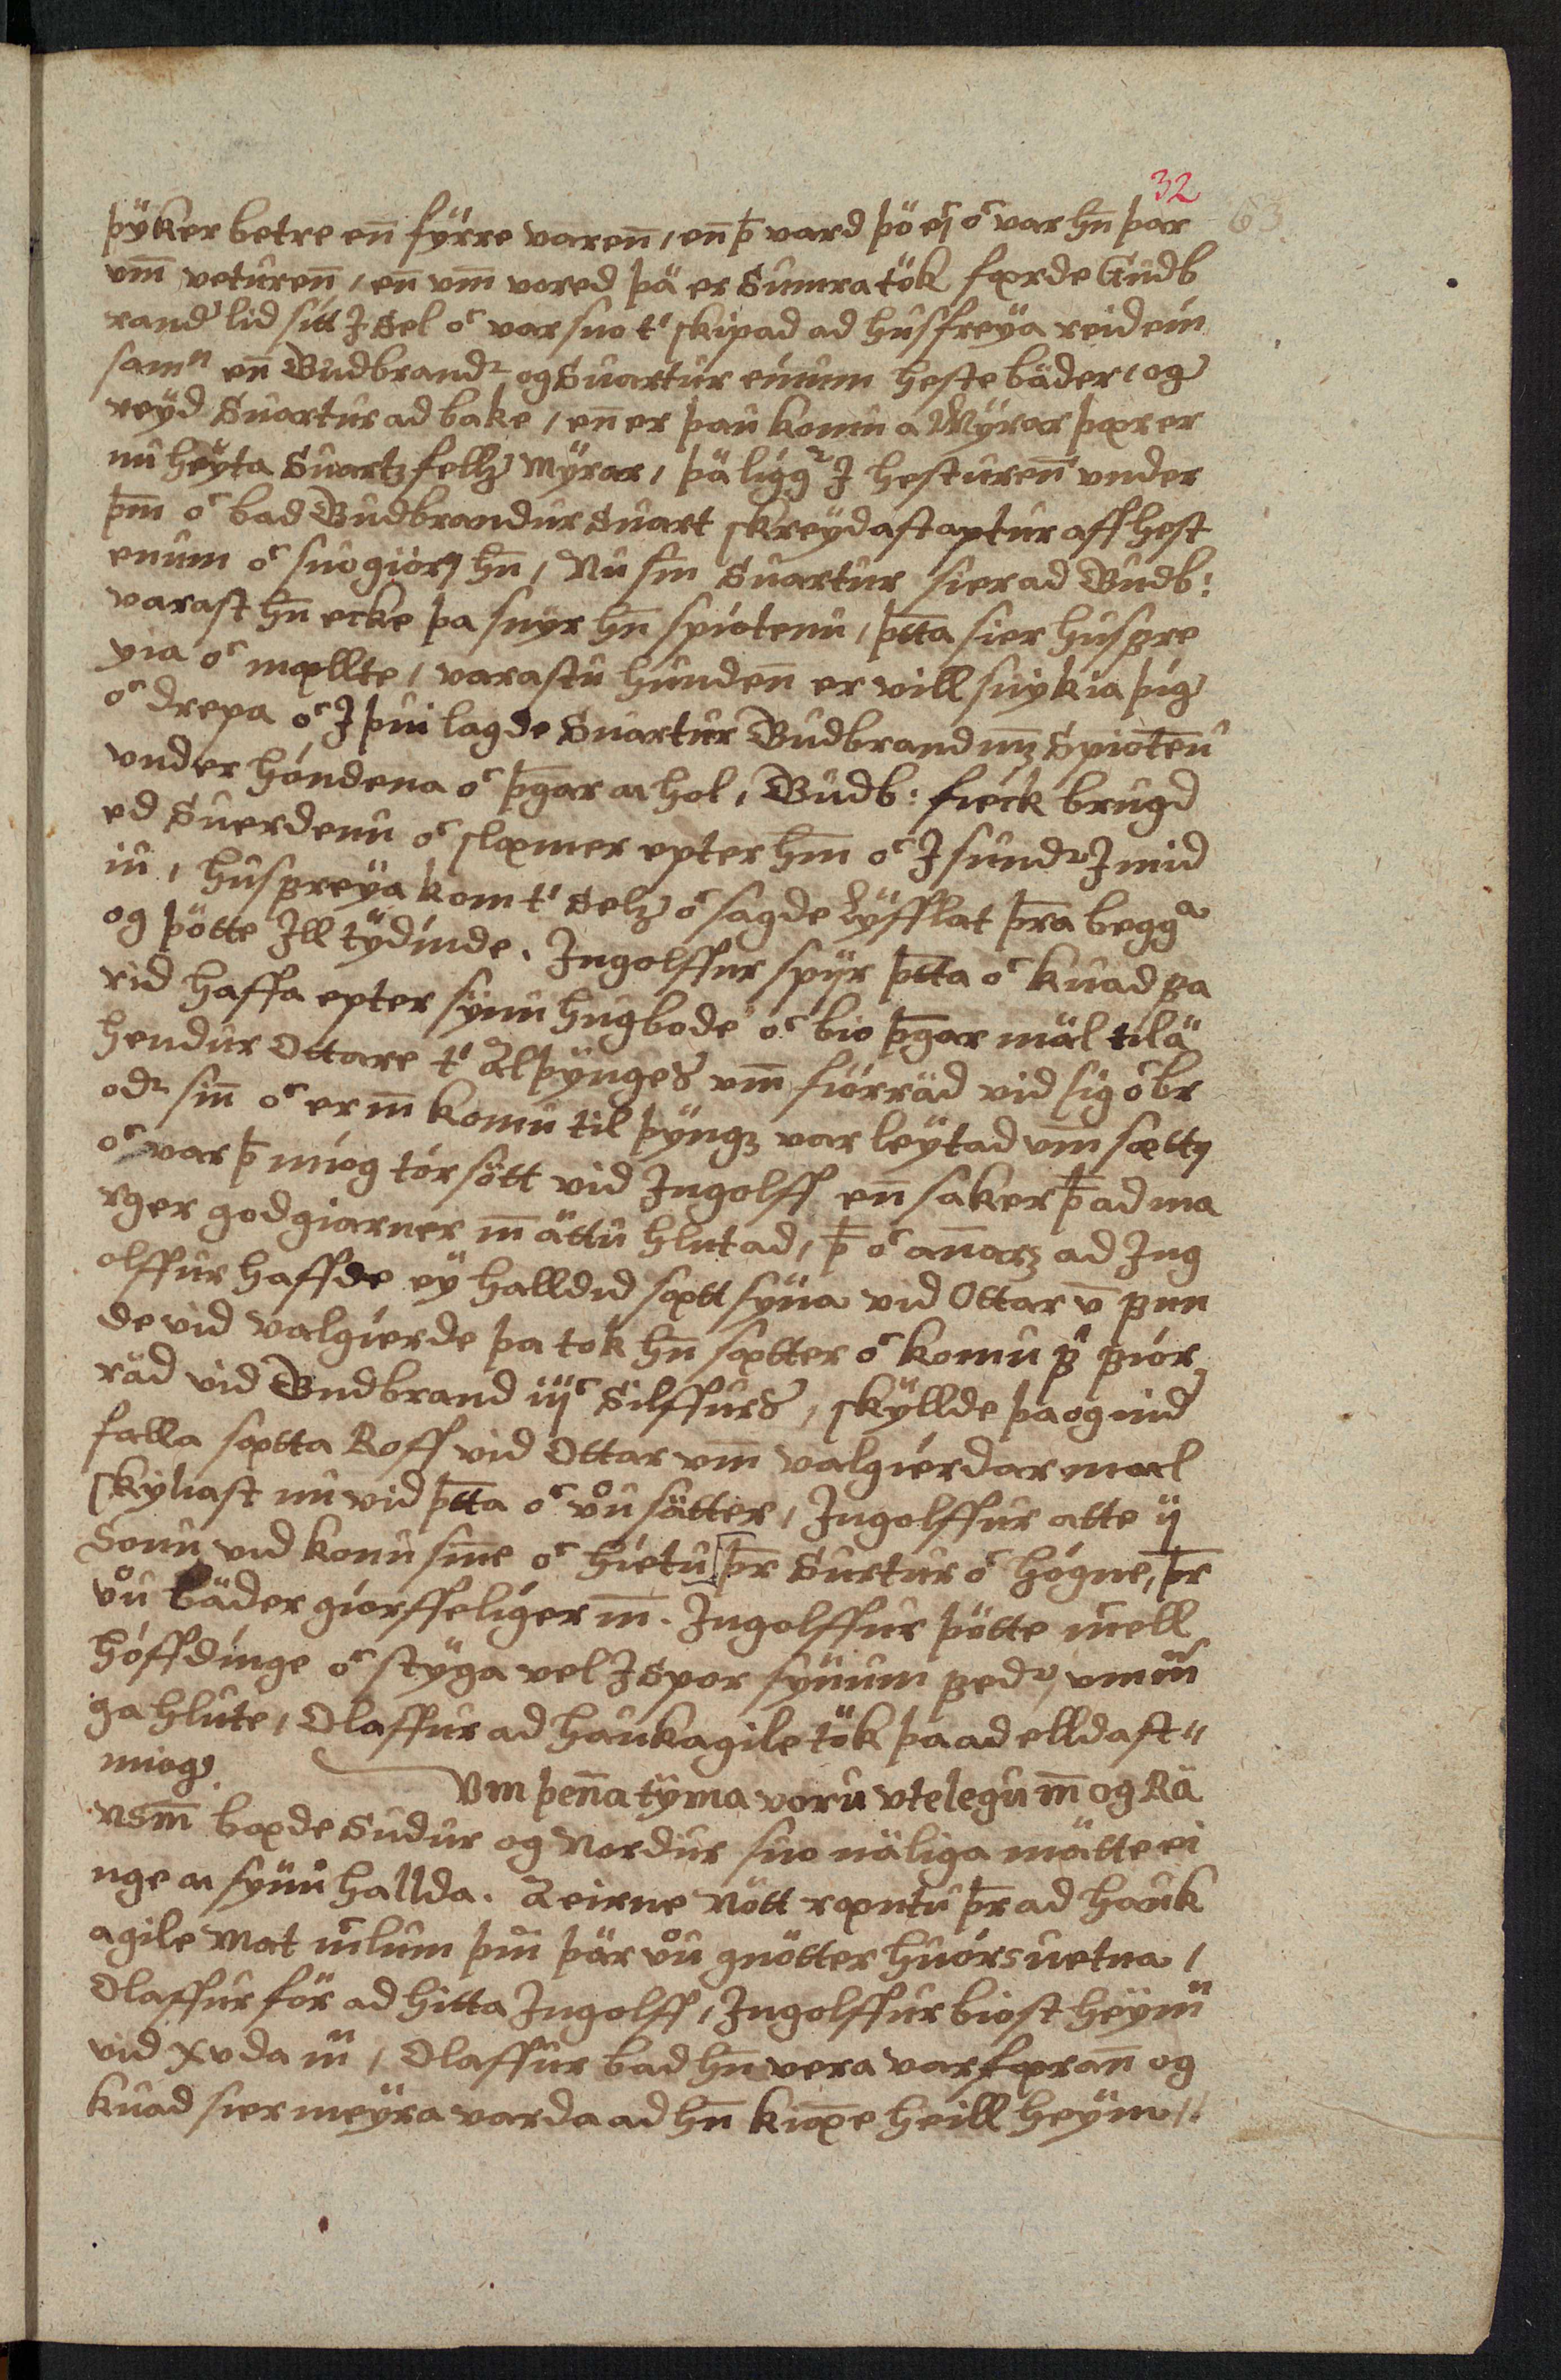 AM 138 fol - 32r